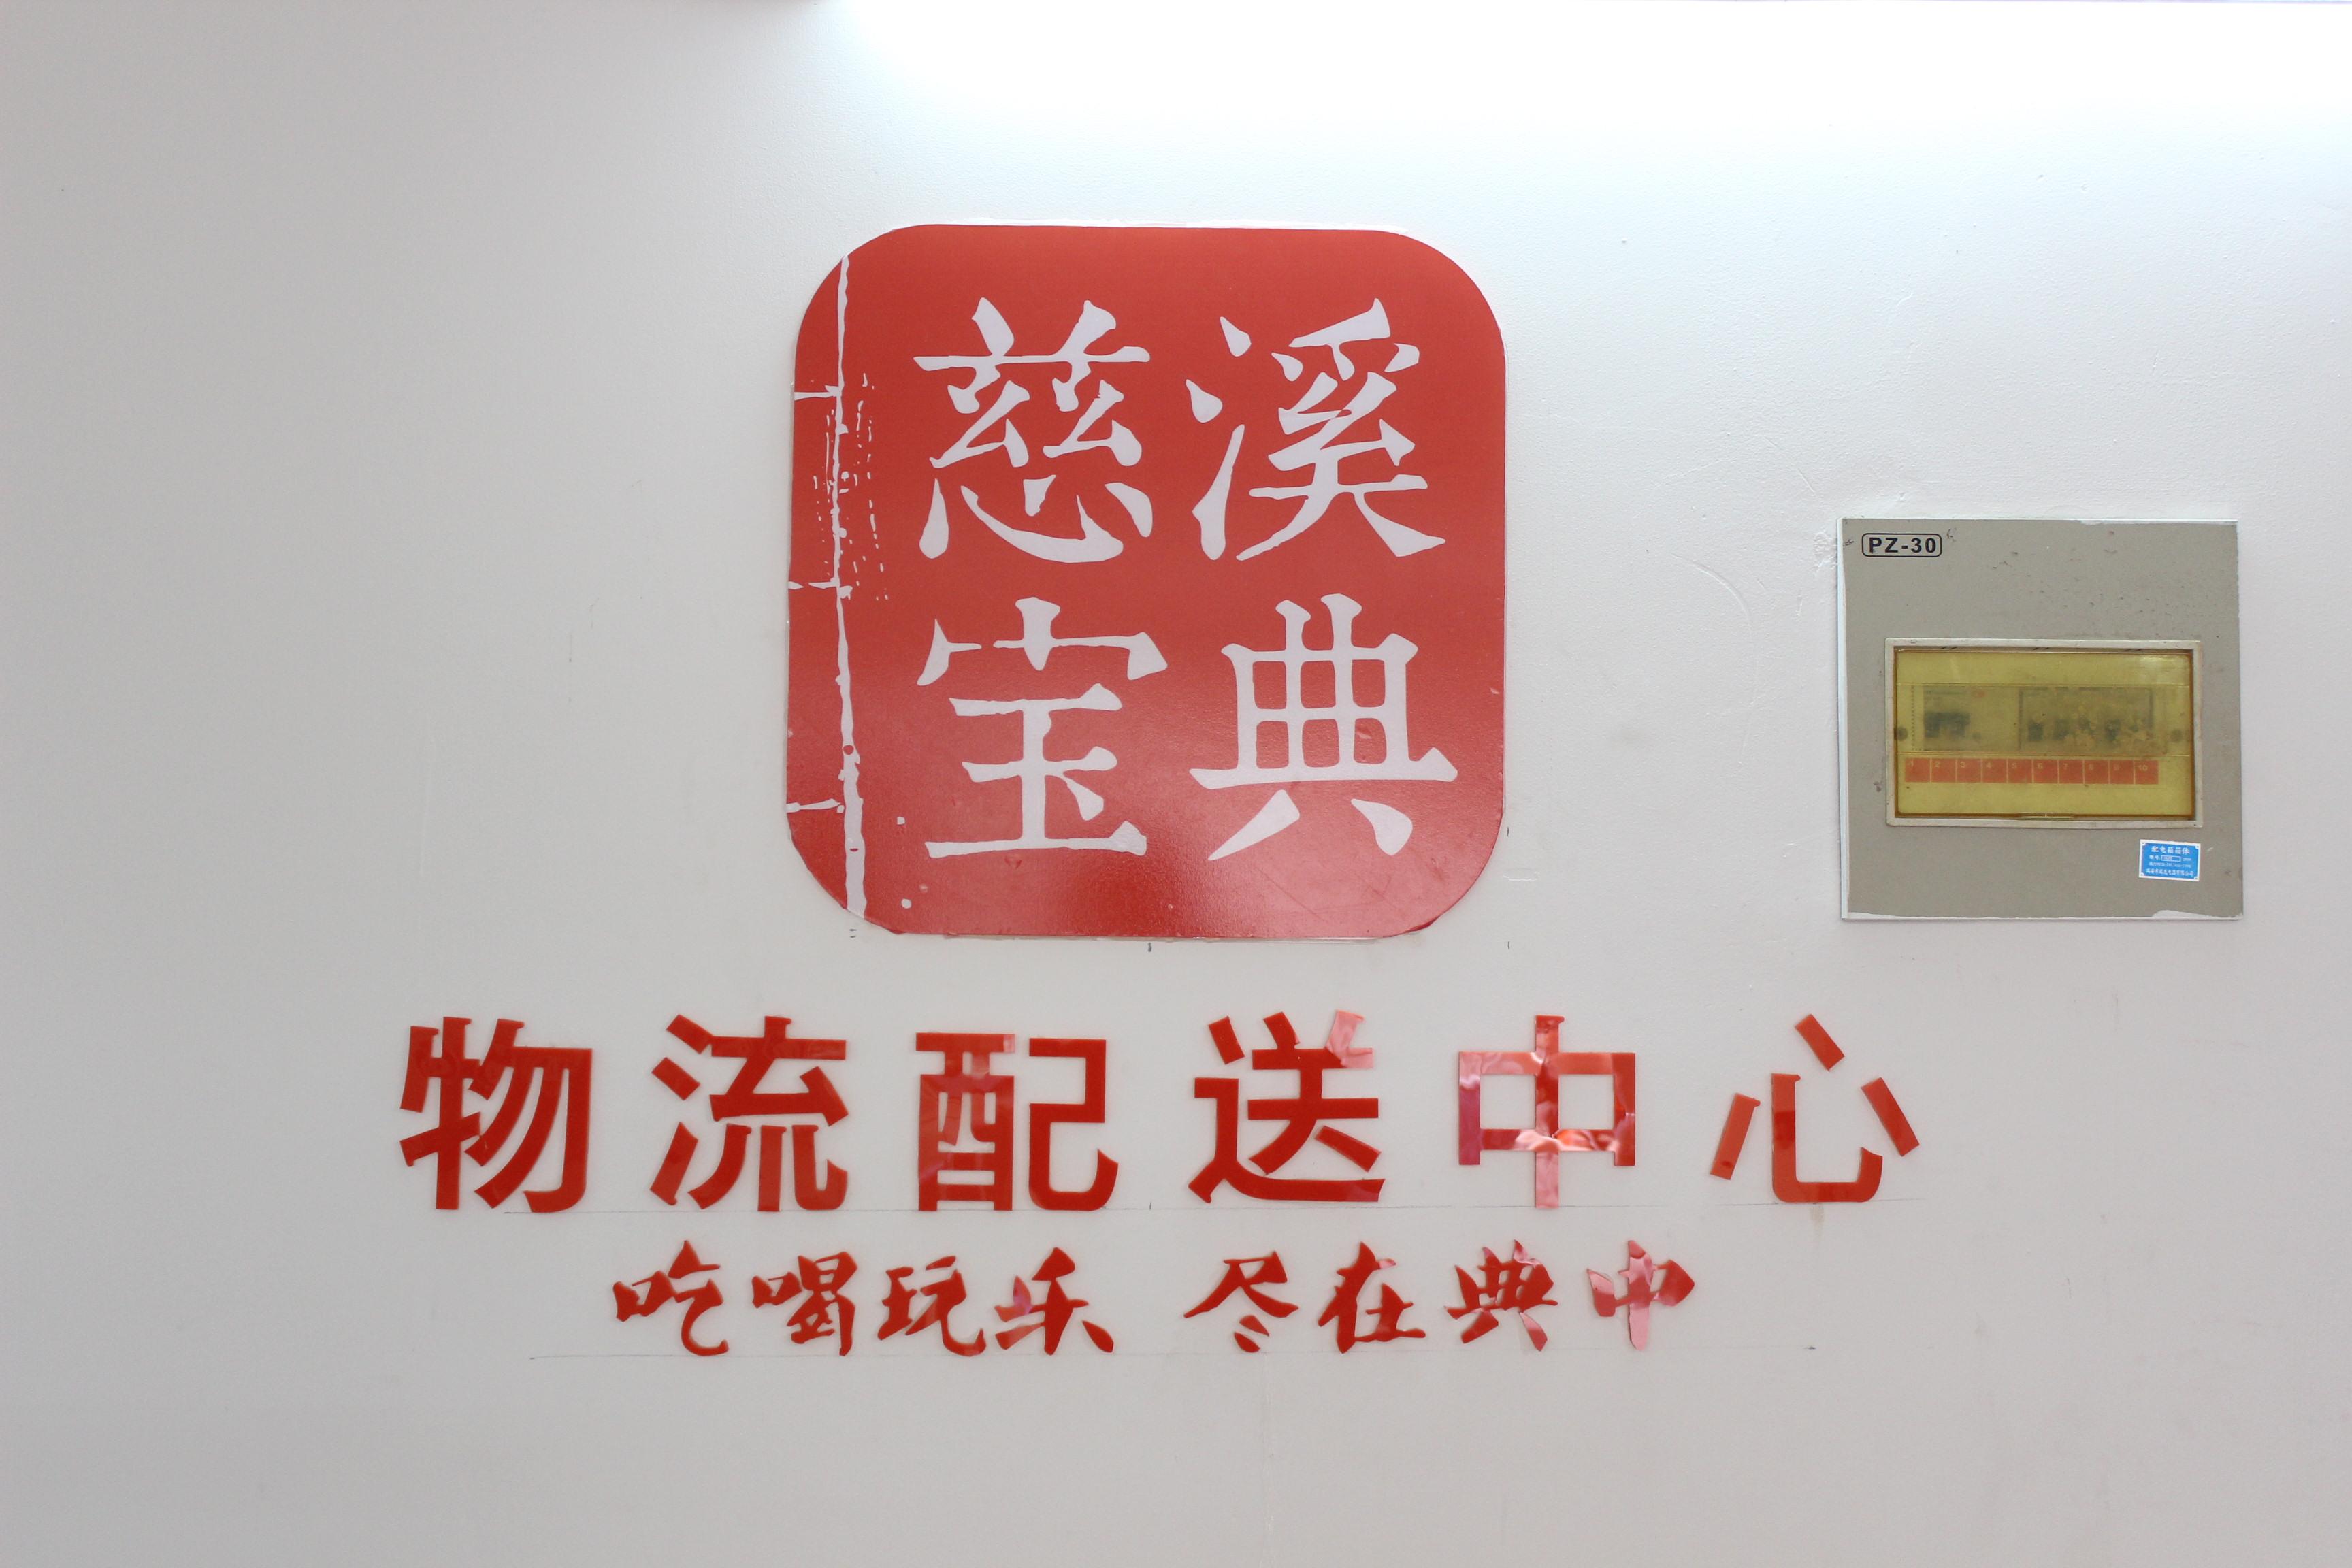 浙江万尊电子商务有限公司